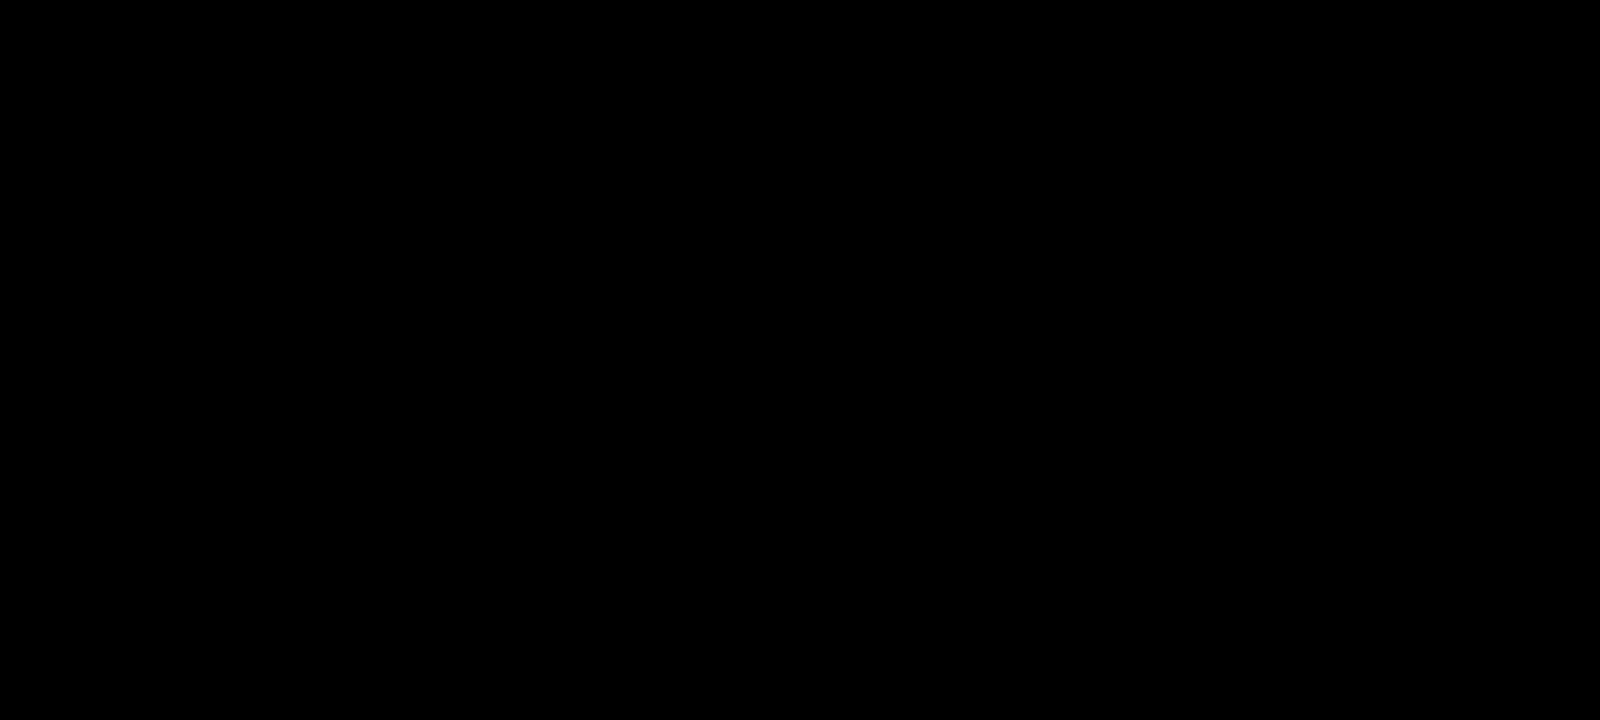 black logo. no background.png